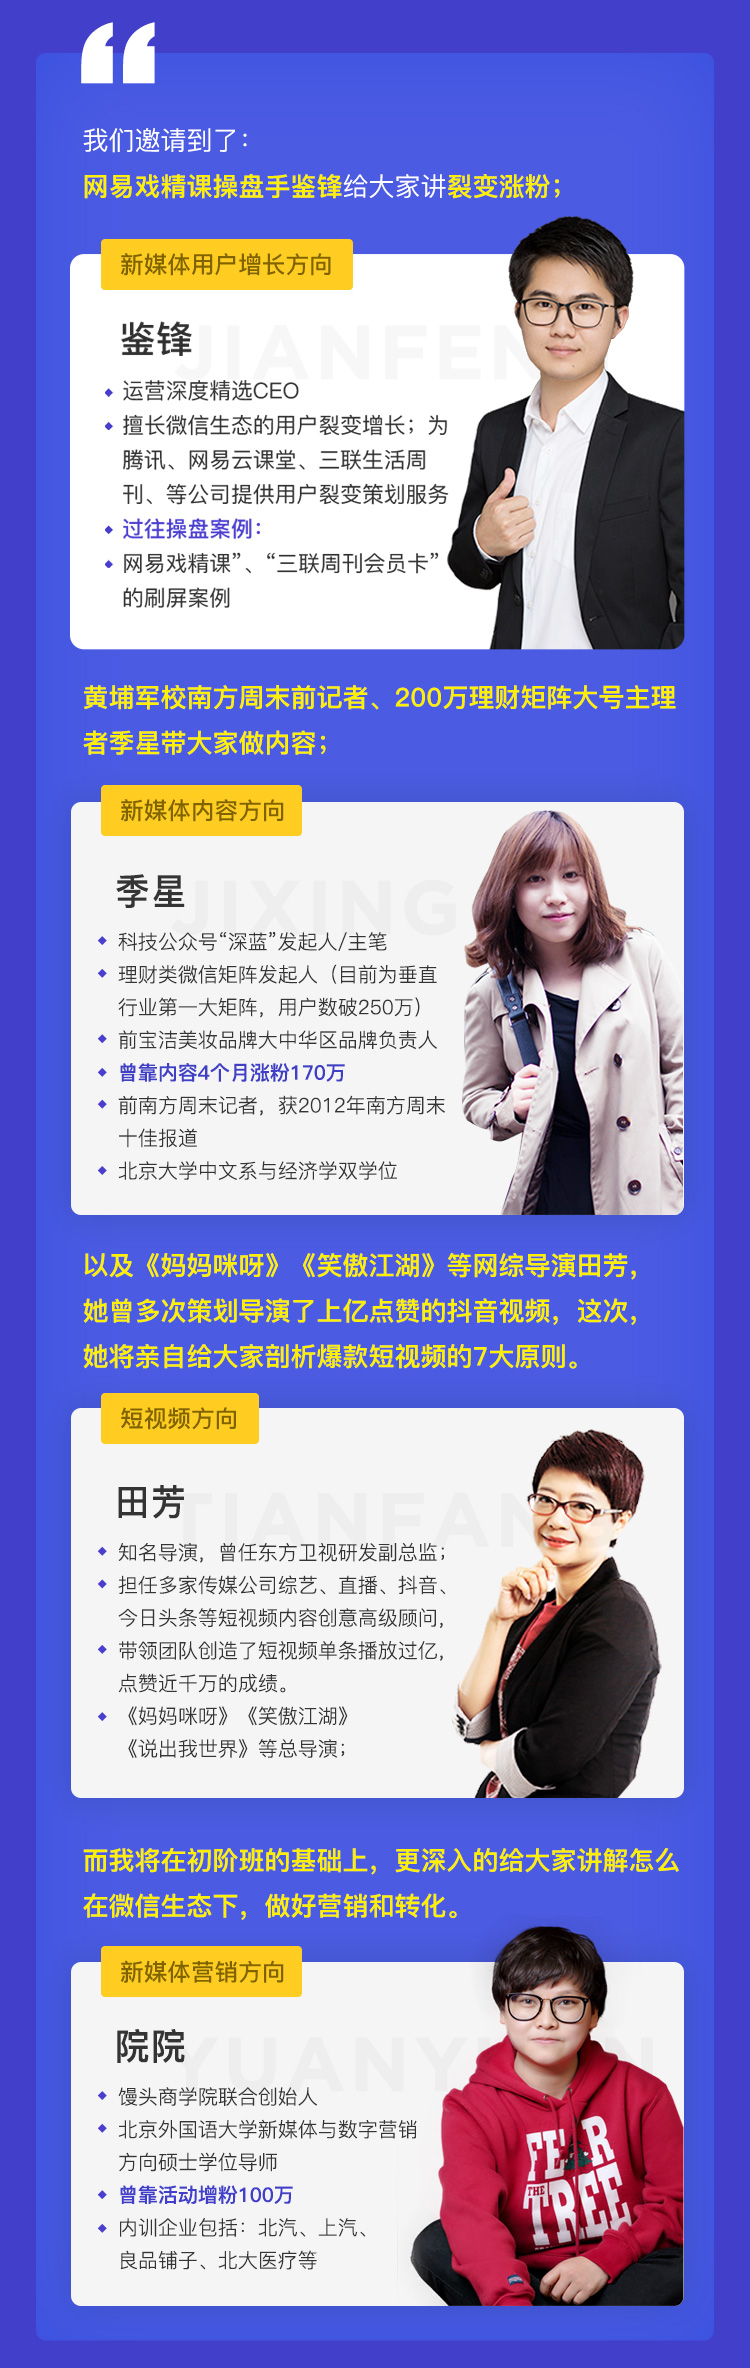 http://mtedu-img.oss-cn-beijing-internal.aliyuncs.com/ueditor/20200108171033_355353.jpeg